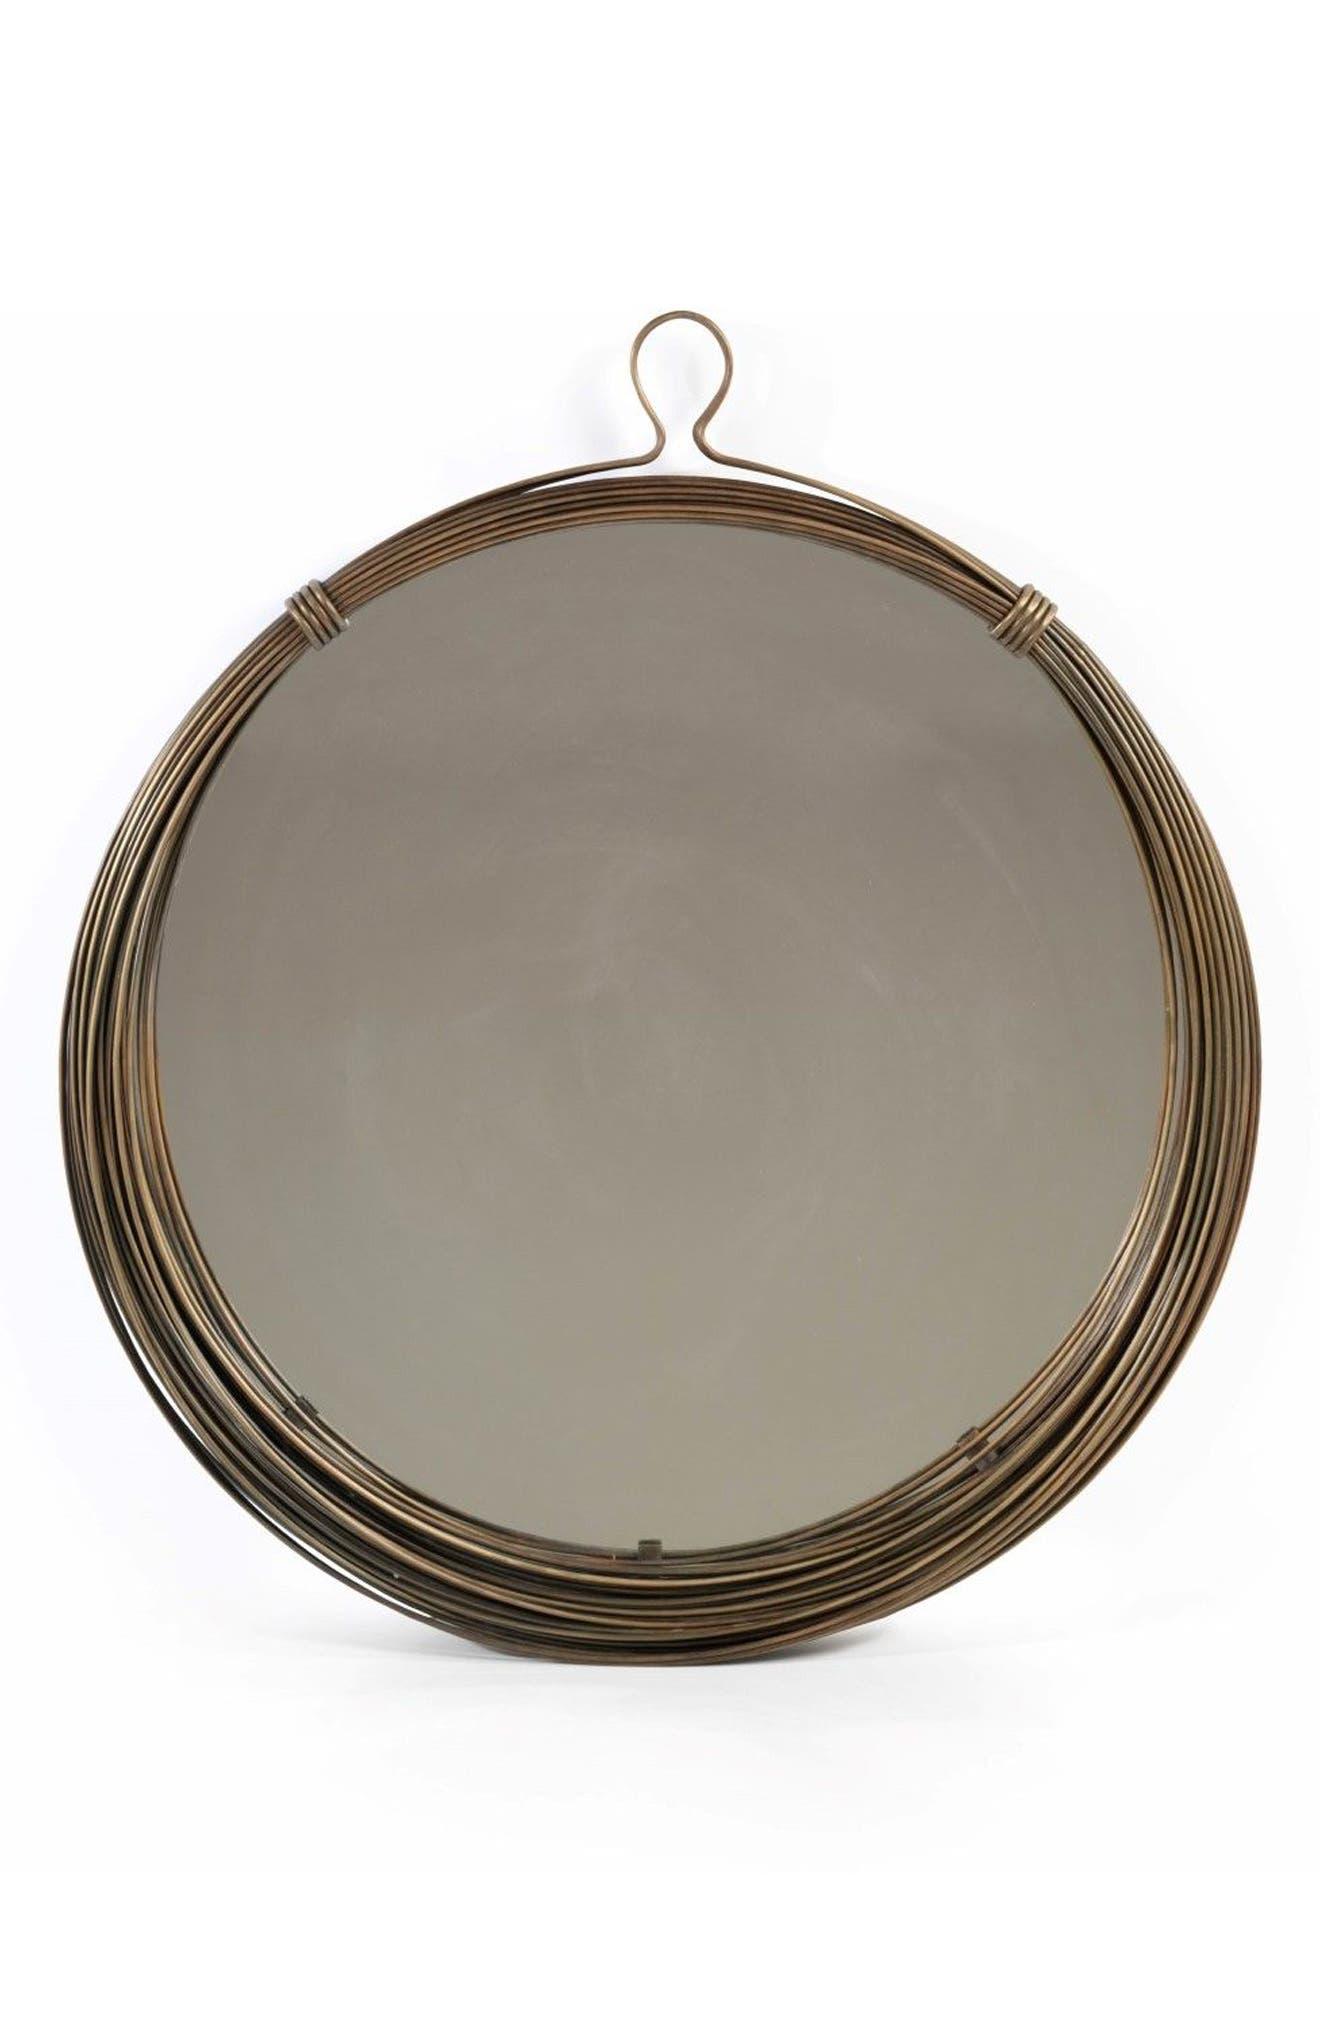 Zodax Round Wall Mirror